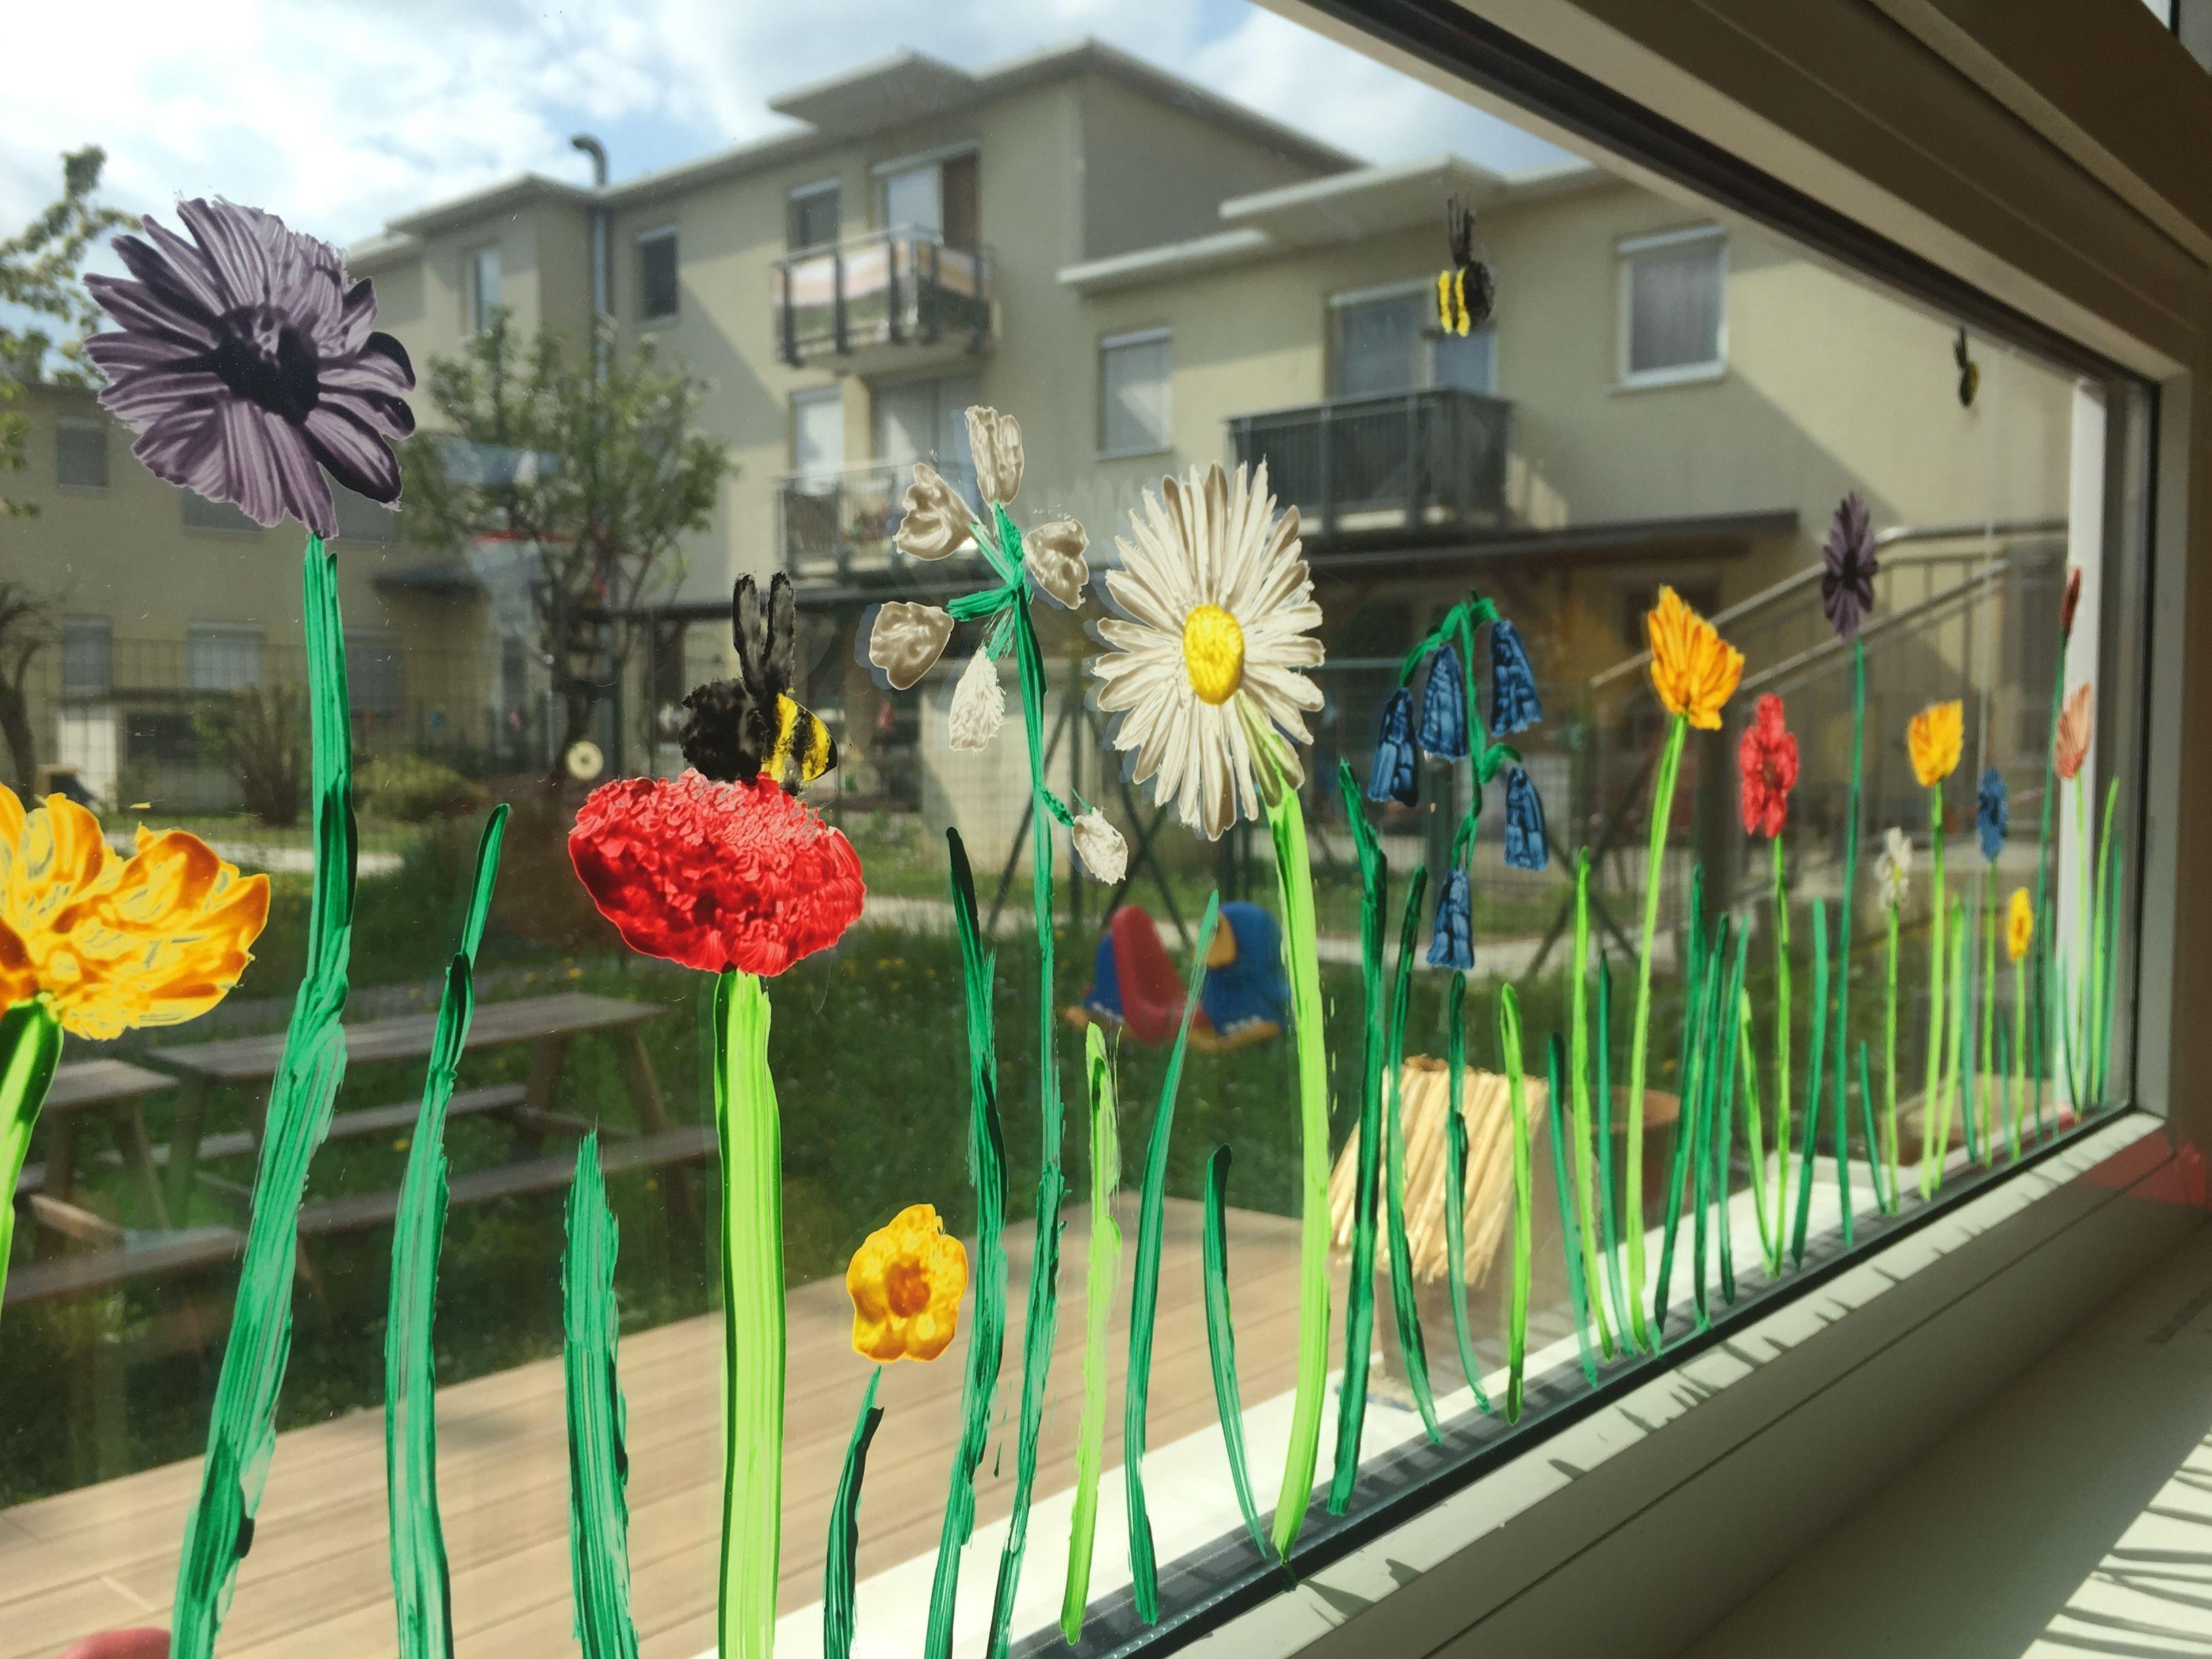 Fenster Deko Frühlingswiese mit Blumen im Kindergarten